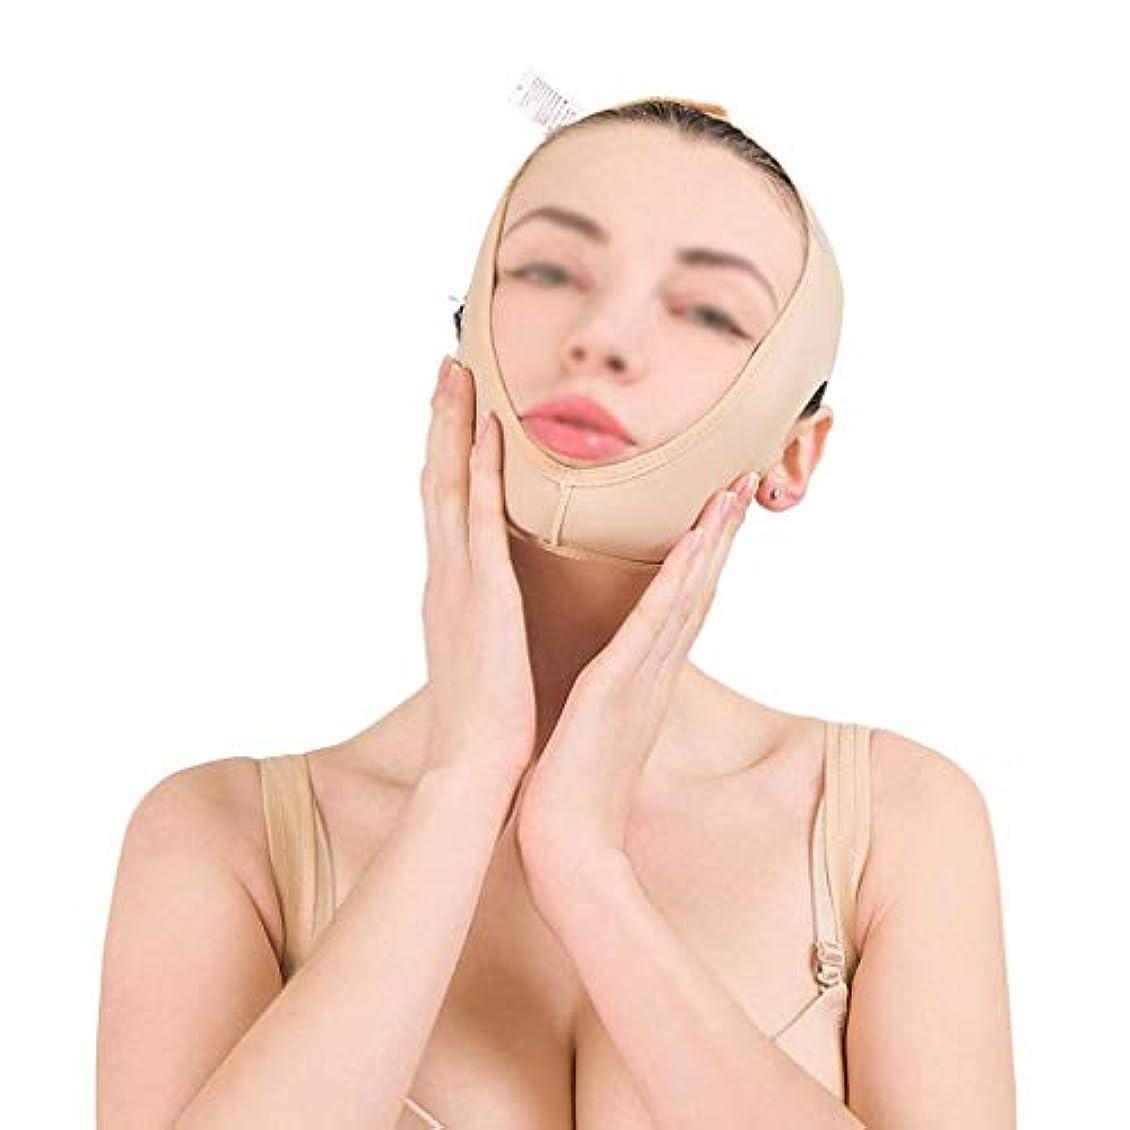 魔女水星ベアリングサークルマスク減量、肌の包帯を引き締めるリフティングフェイスバンド、フェイスリフティング、ダブルチンビューティバンデージ、フェイスリフト(サイズ:L),S